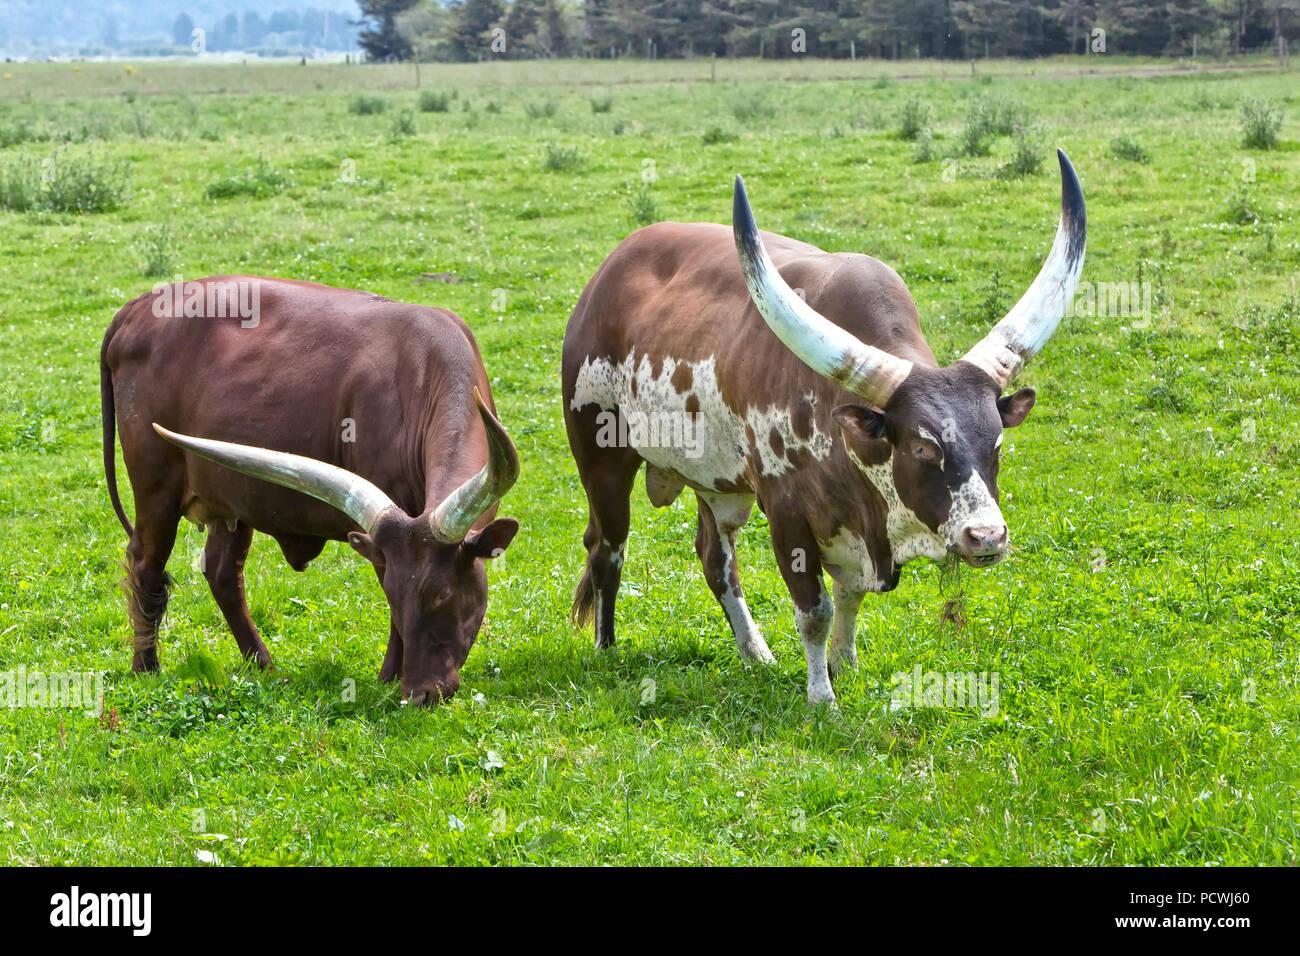 Ankole-Watusi cattle  'Bos taurus'  grazing side. - Stock Image